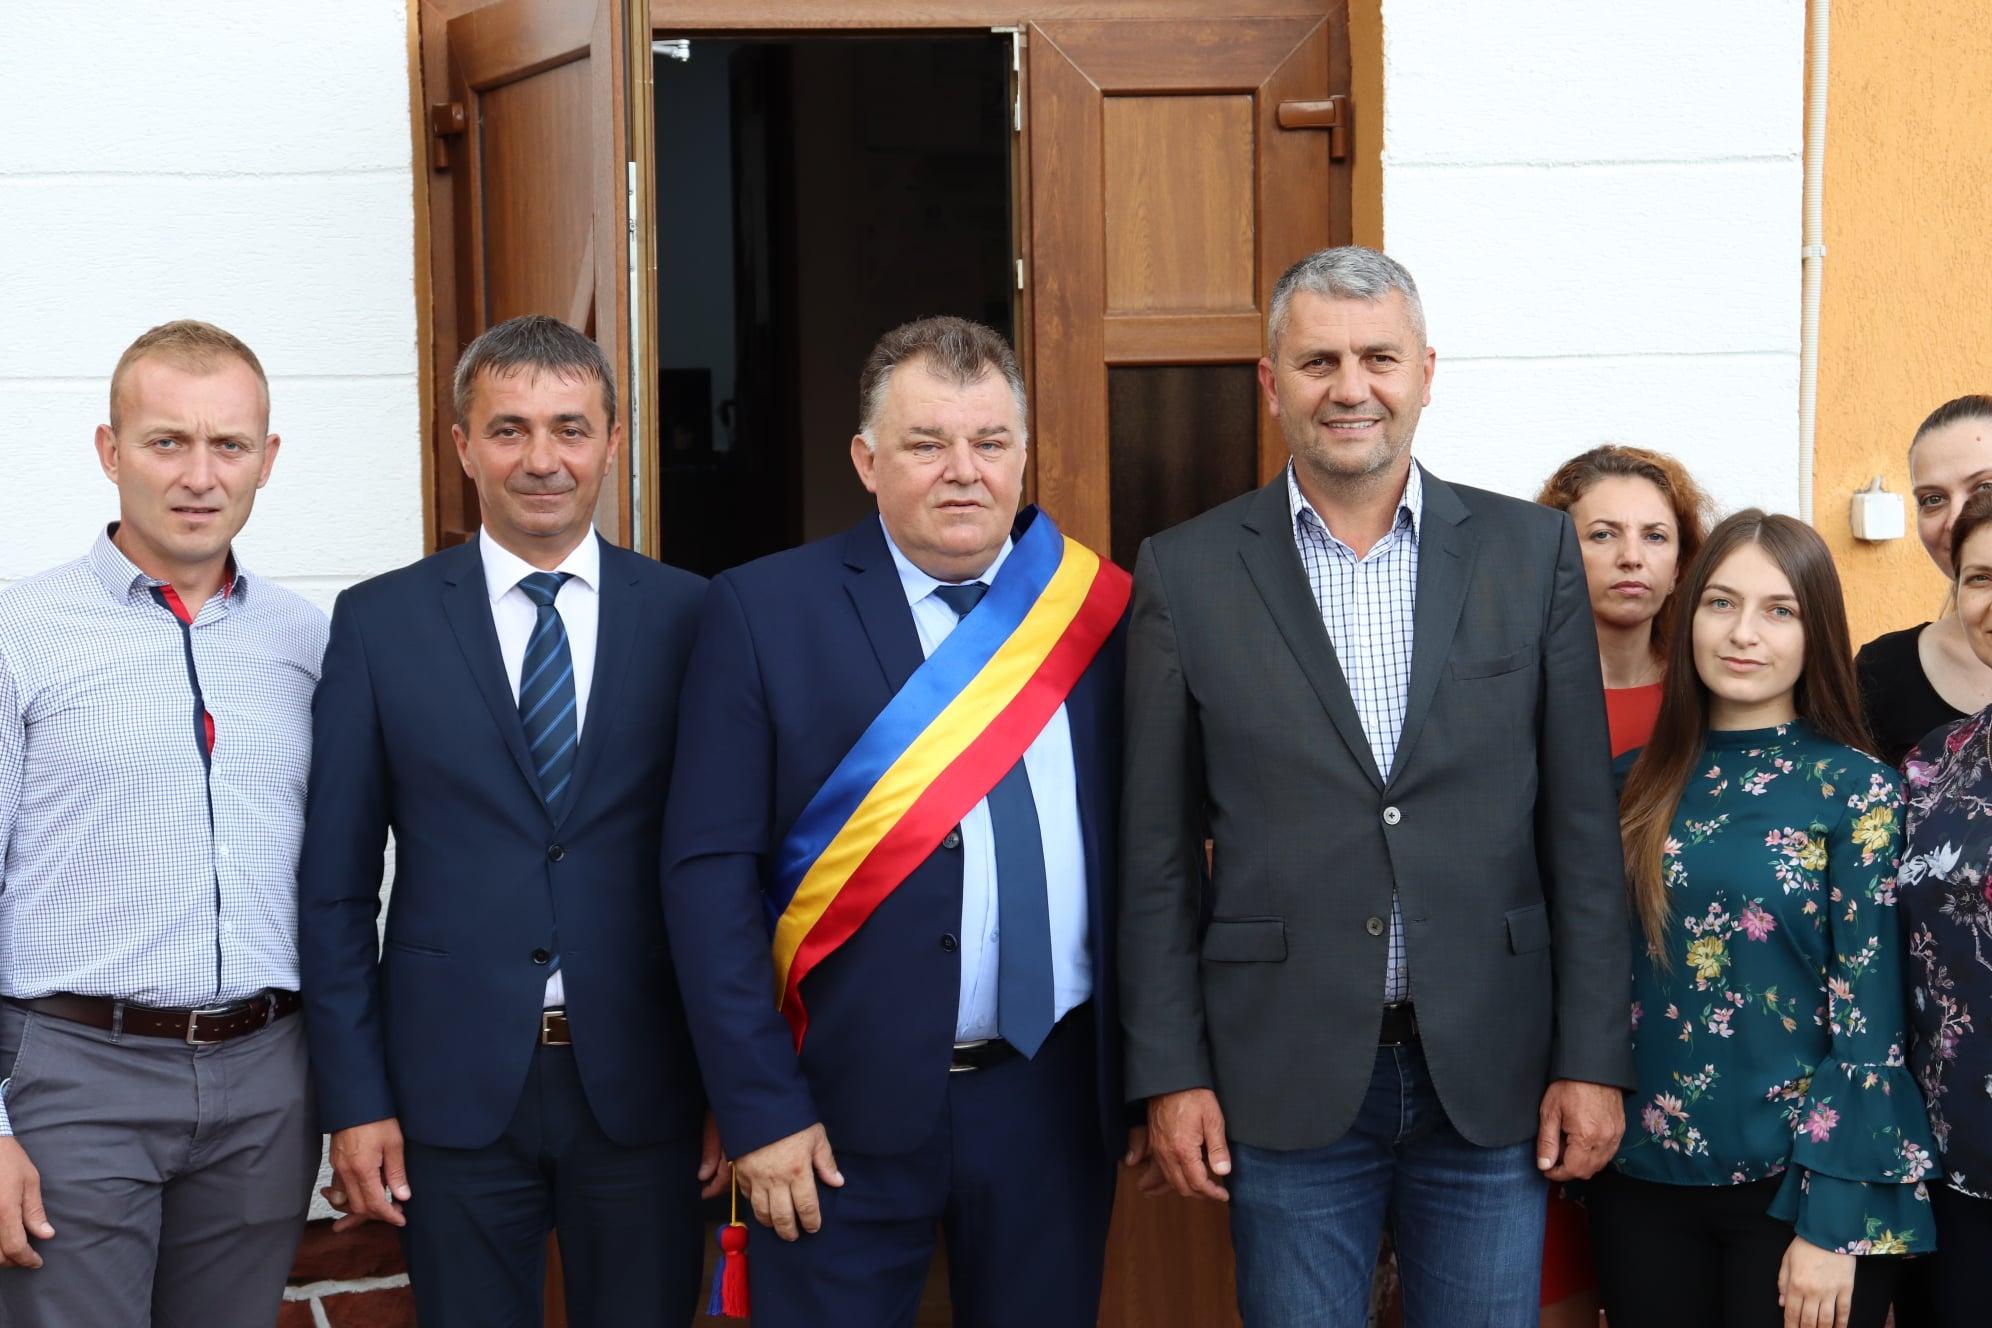 Primarul comunei Sarmizegetusa, Dorin Leontin Hibais, a depus jurământul de învestitură